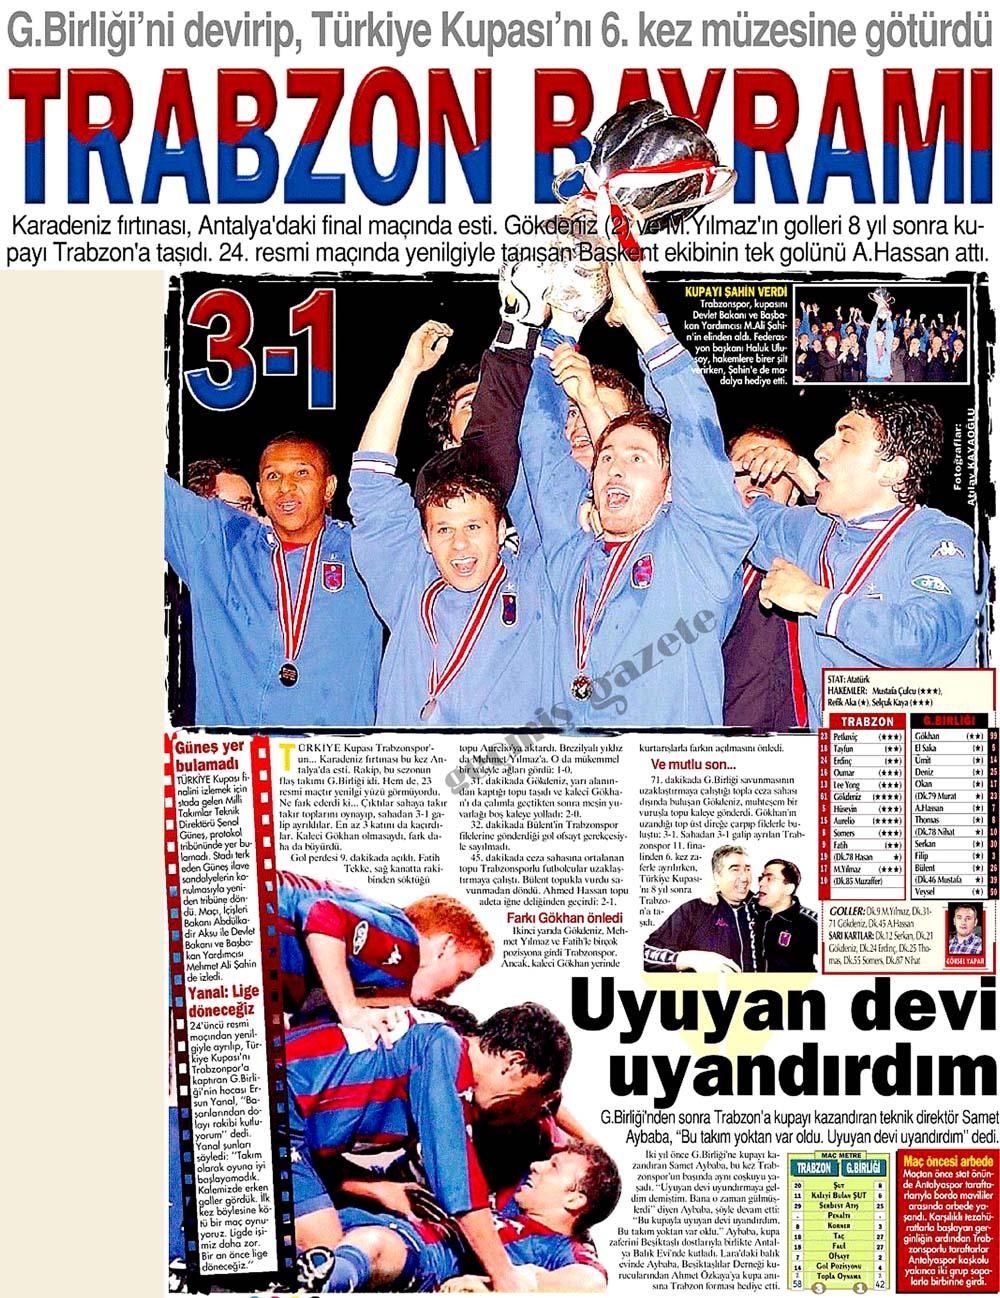 Trabzon Bayramı